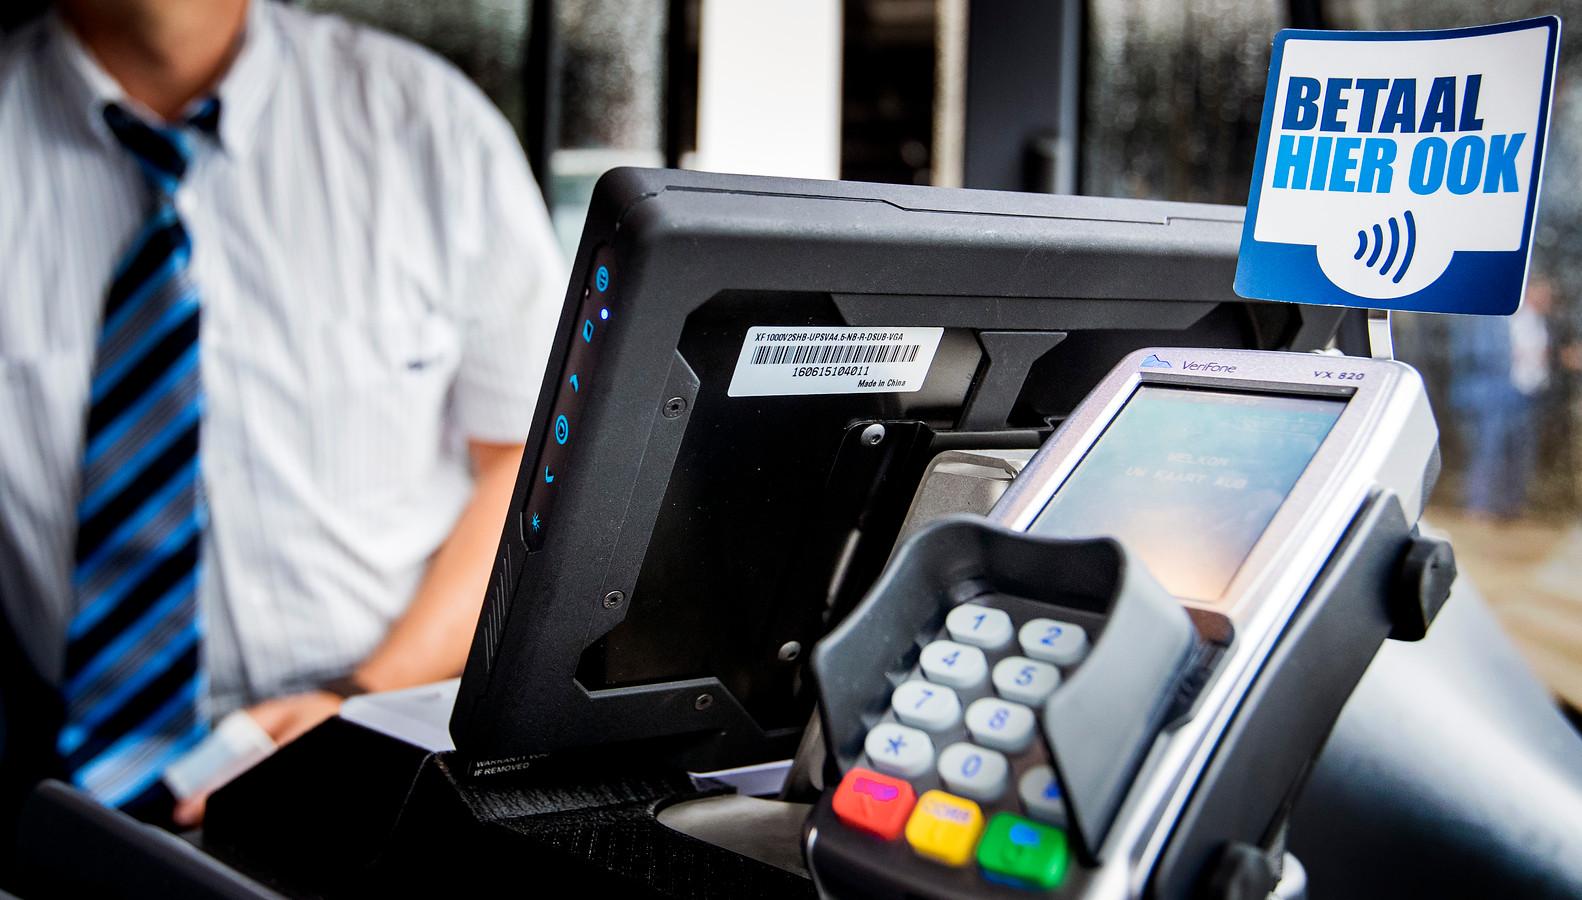 Tegenwoordig kun je in bijna geen enkele bus meer betalen met contant geld.